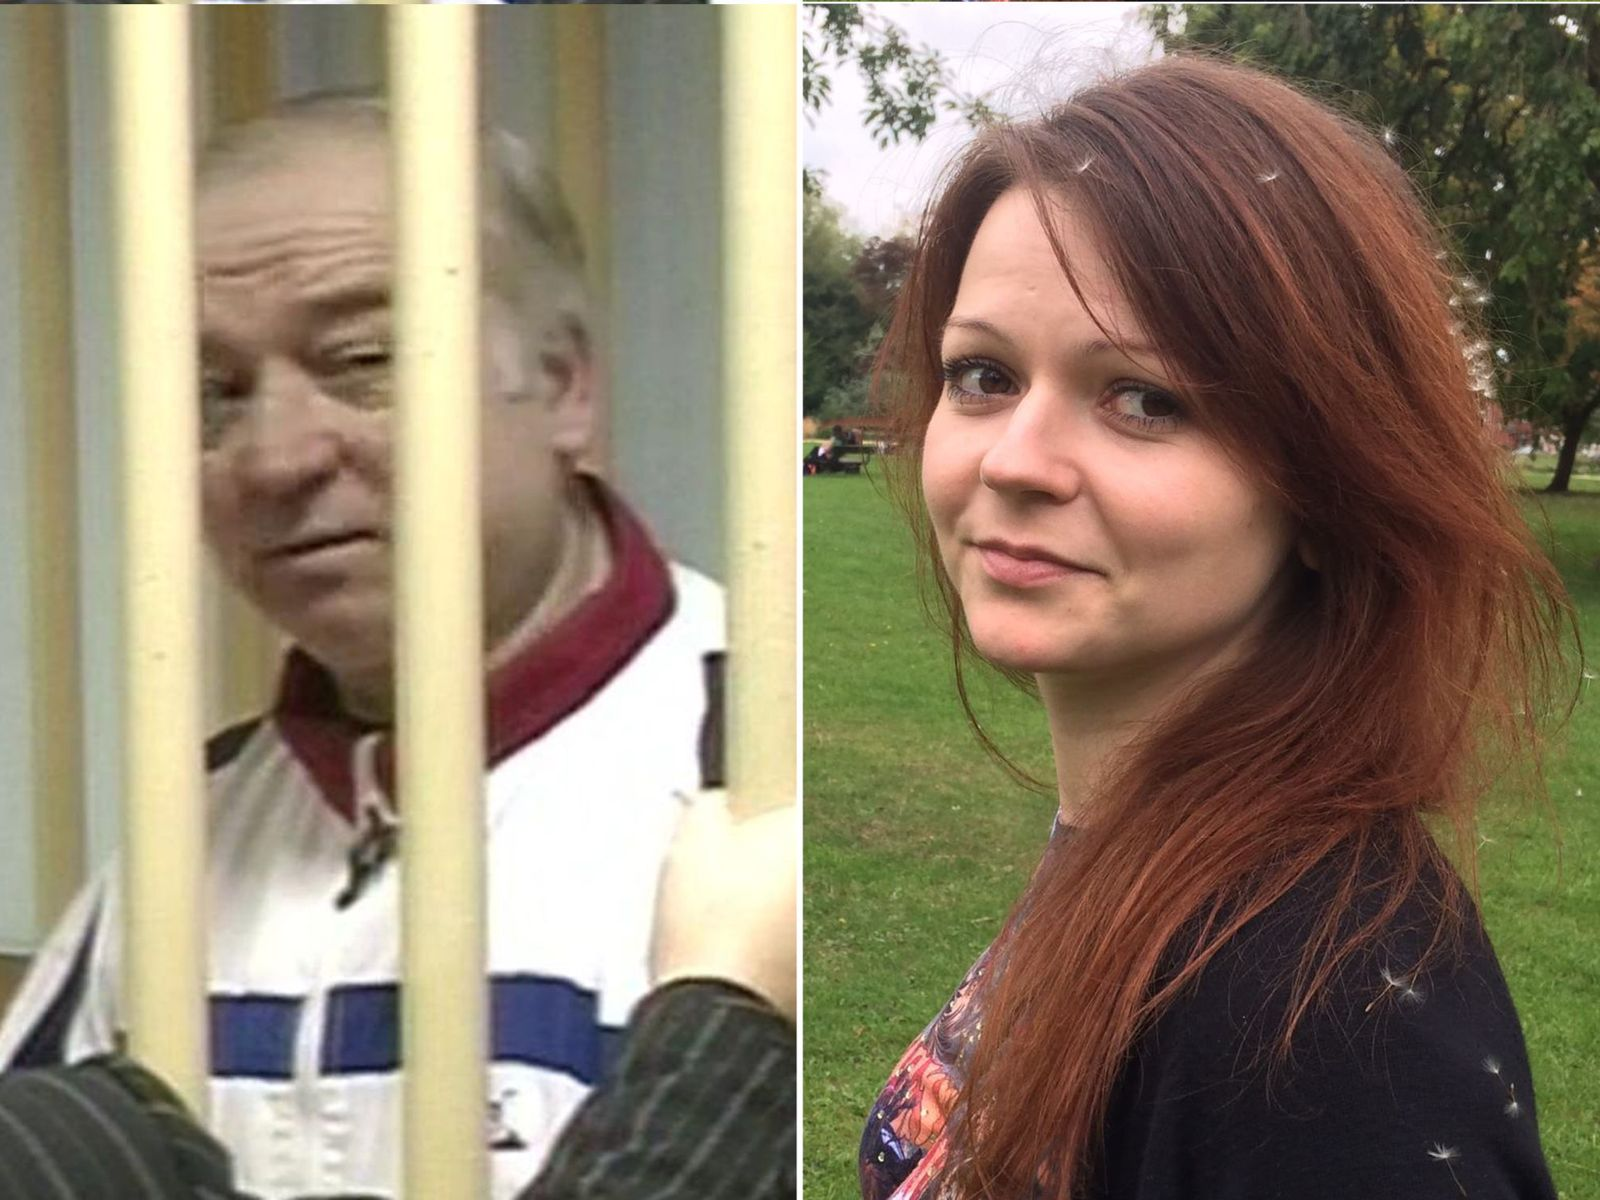 Отравленная дочь Скрипаля Юлия является гражданкой РФ, заявили в МИД РФ.